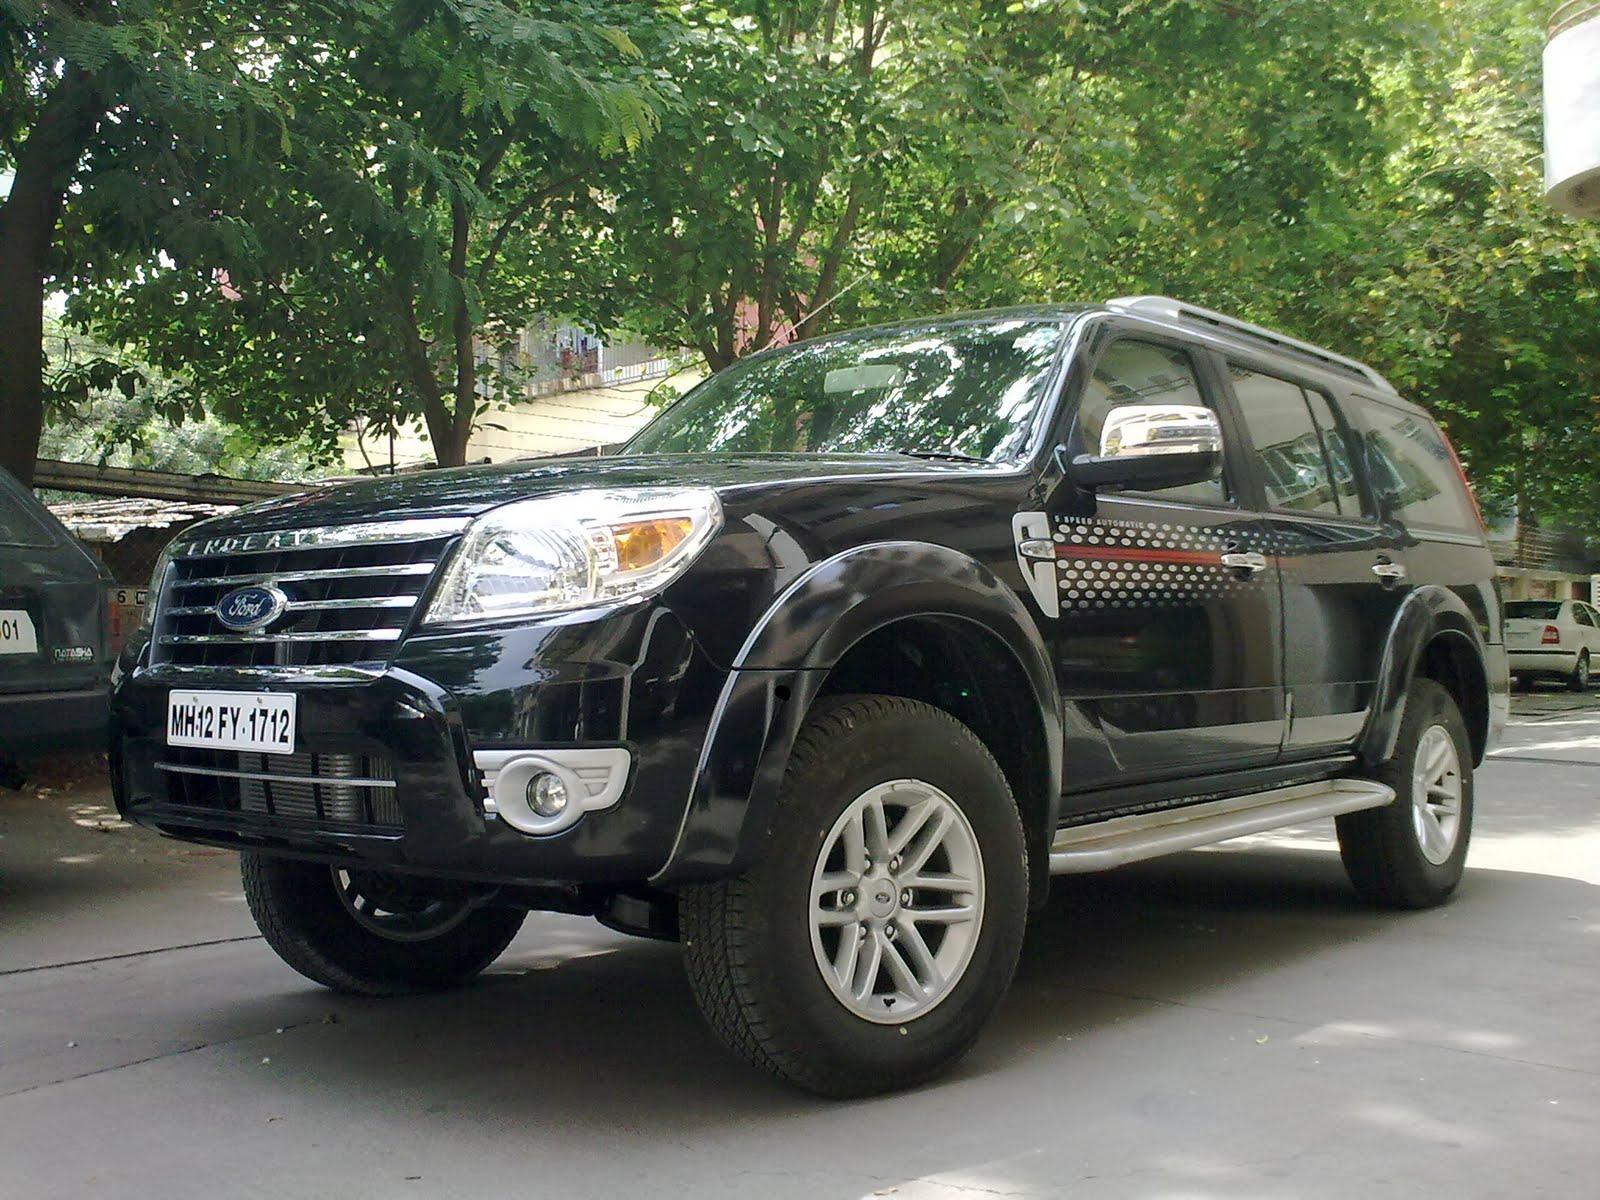 New Corolla Altis Review Team Bhp All Camry 2018 Kabhi Khushi Gum May 2010 Samara